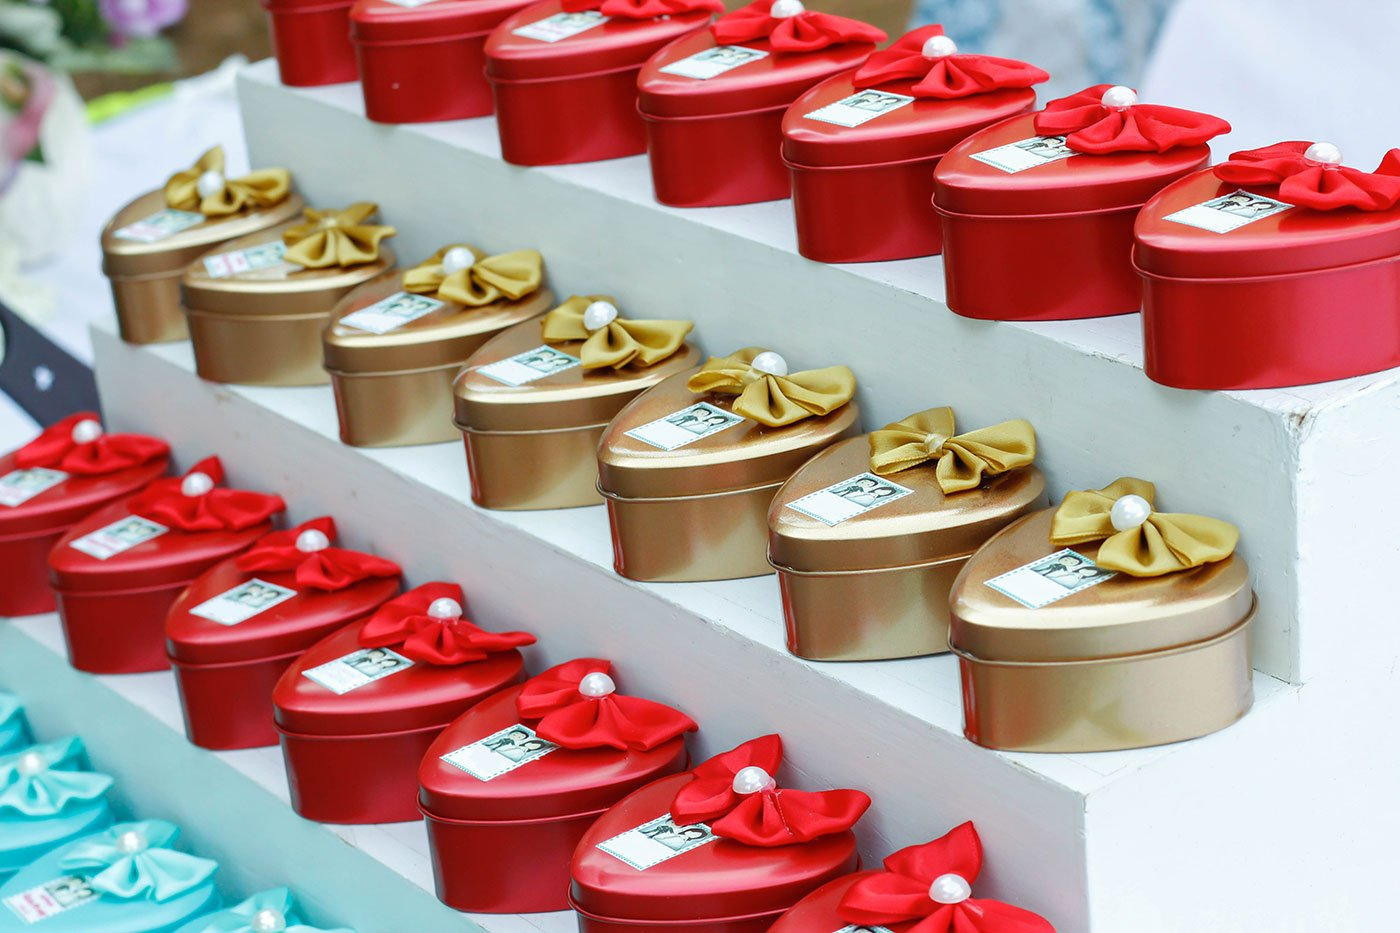 Scatoline a forma di cuore di color rosso,azzurro  e dorato con un fiocco sopra appoggiate sulle mensole